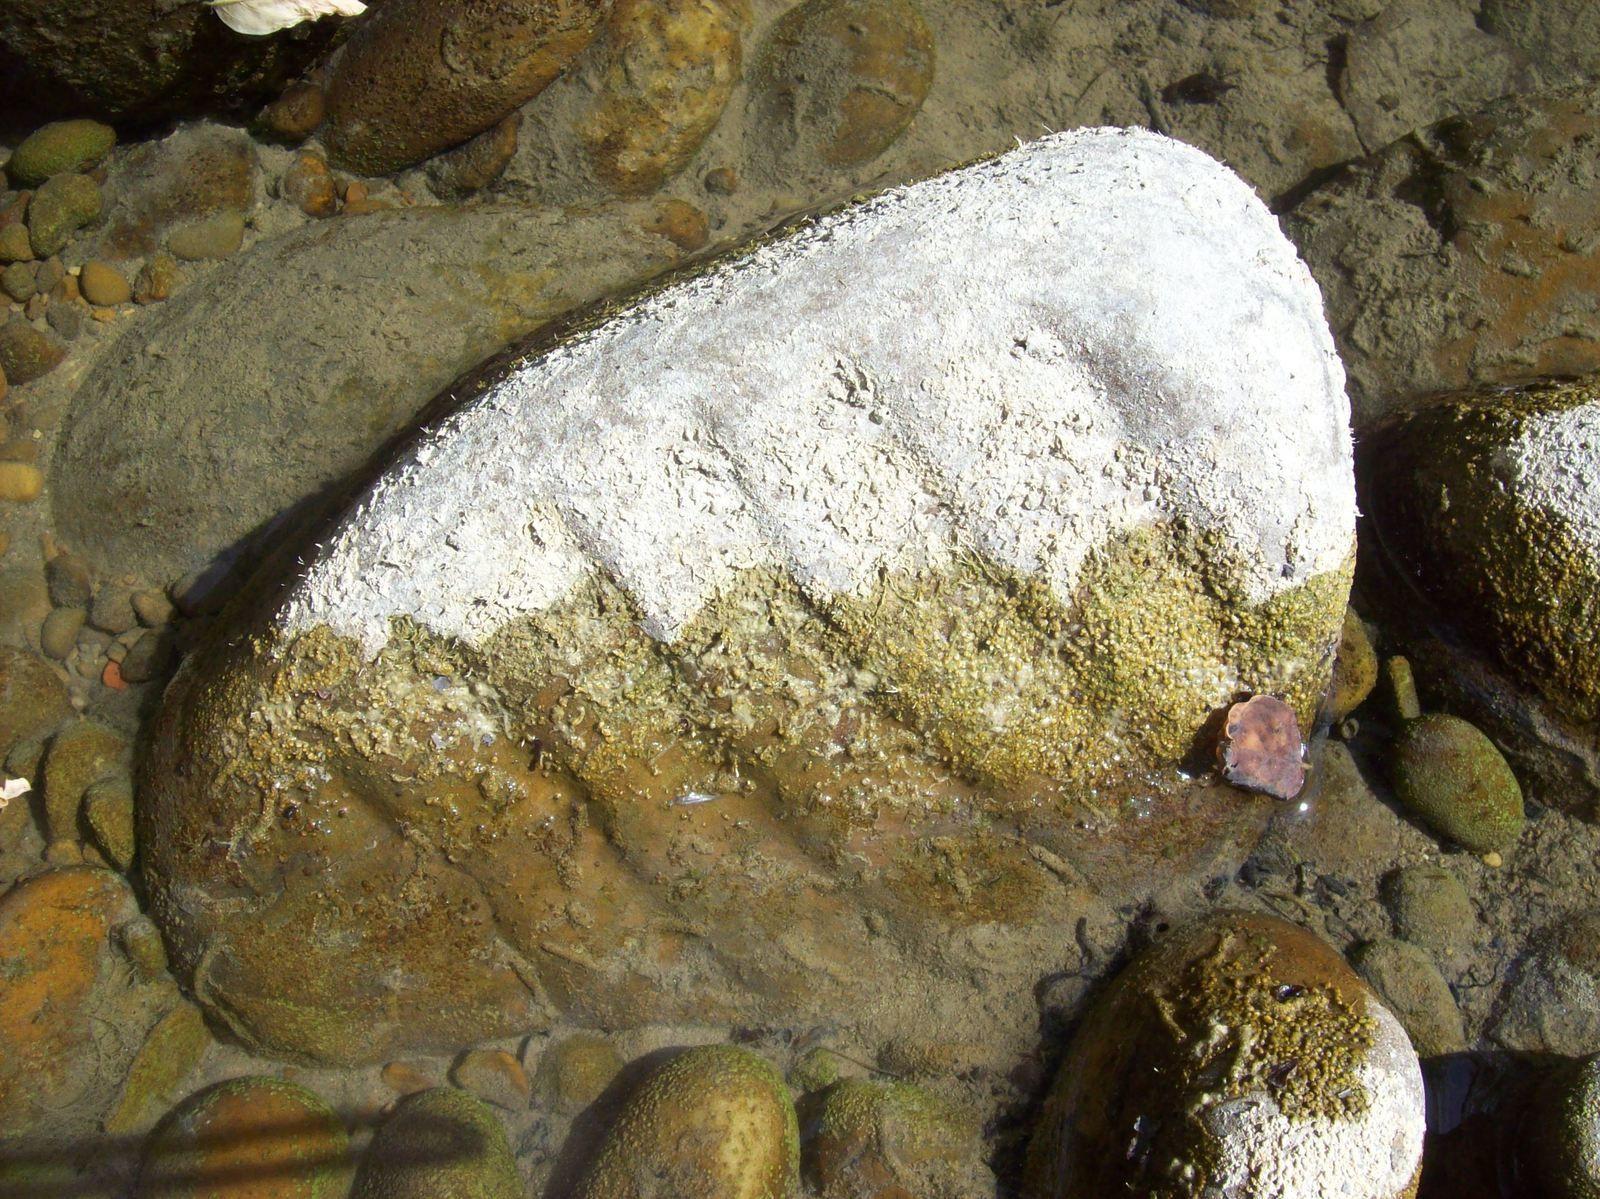 Galet de quartzite découvert tel quel puis nettoyé, portant des marques de rivage de 240 millions d'années, manuscrits, truite fario et arbre fossilisé de la rivière Galaure. Photos de Régis Roux, juillet, août 2015.